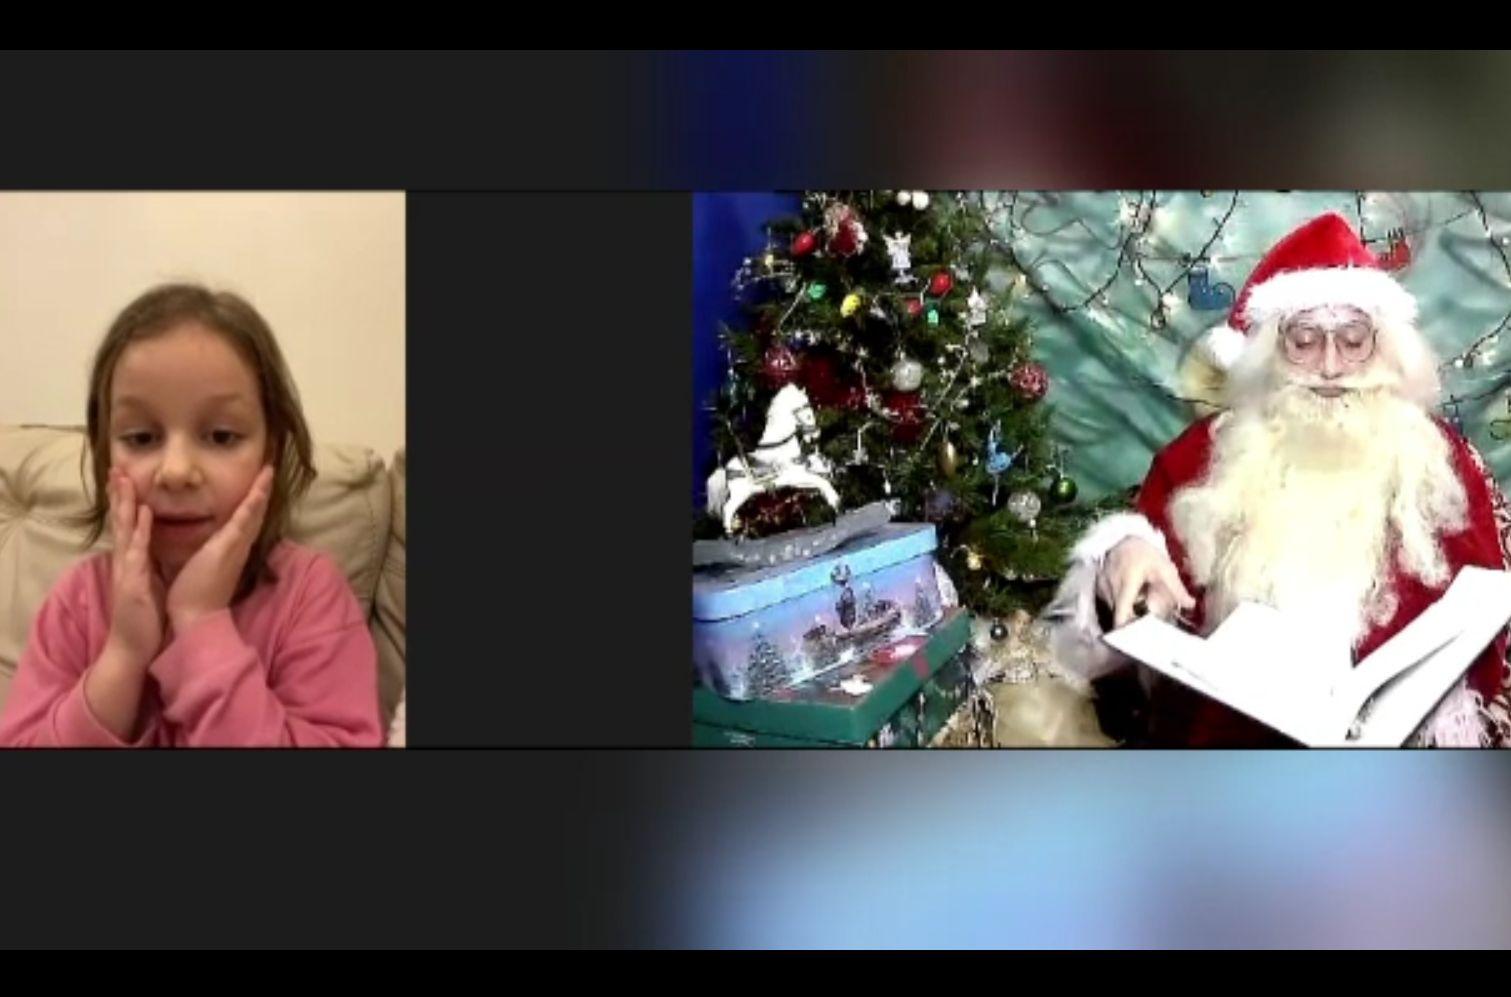 Moș Crăciun organizează întâlniri virtuale pentru copiii românilor din diaspora. Familiile, despărțite de mii de kilometri